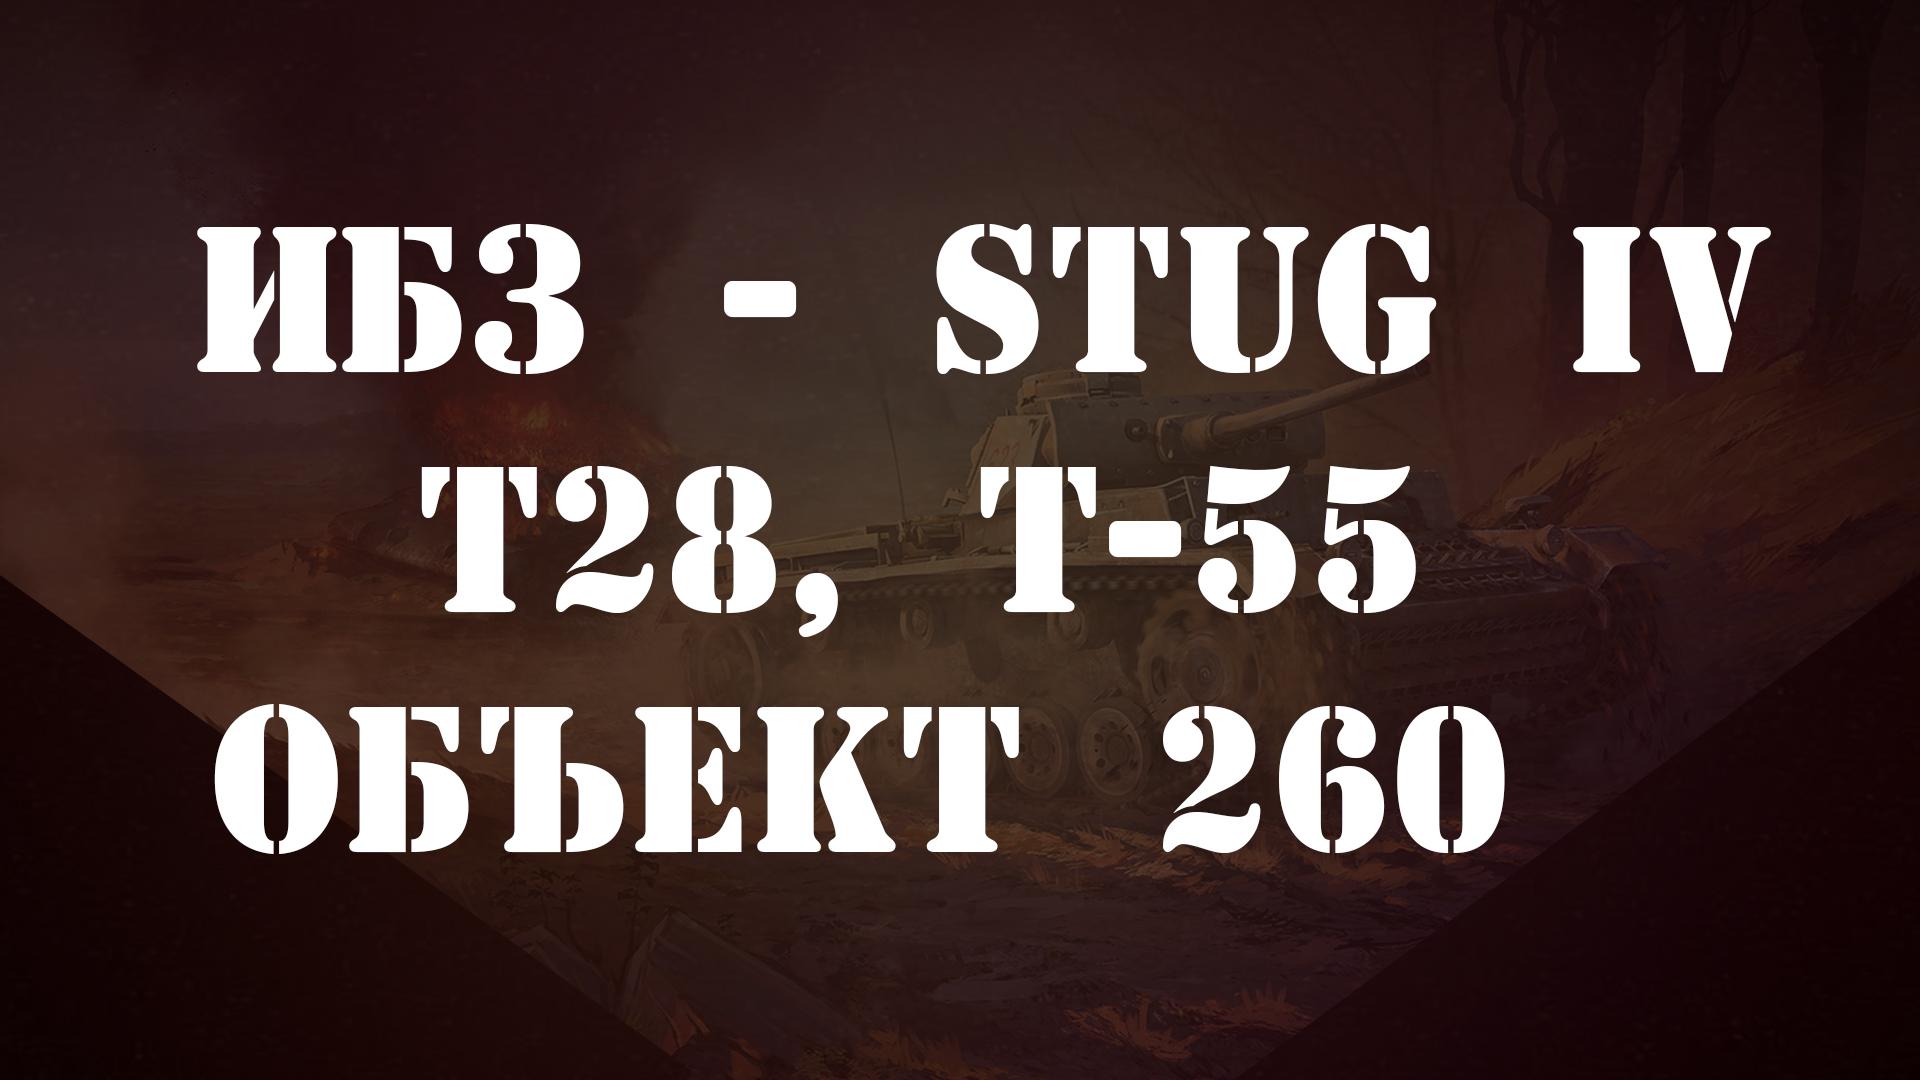 ИБЗ - StuG IV / Т28 / Т-55 NVA DDR / Объект 260